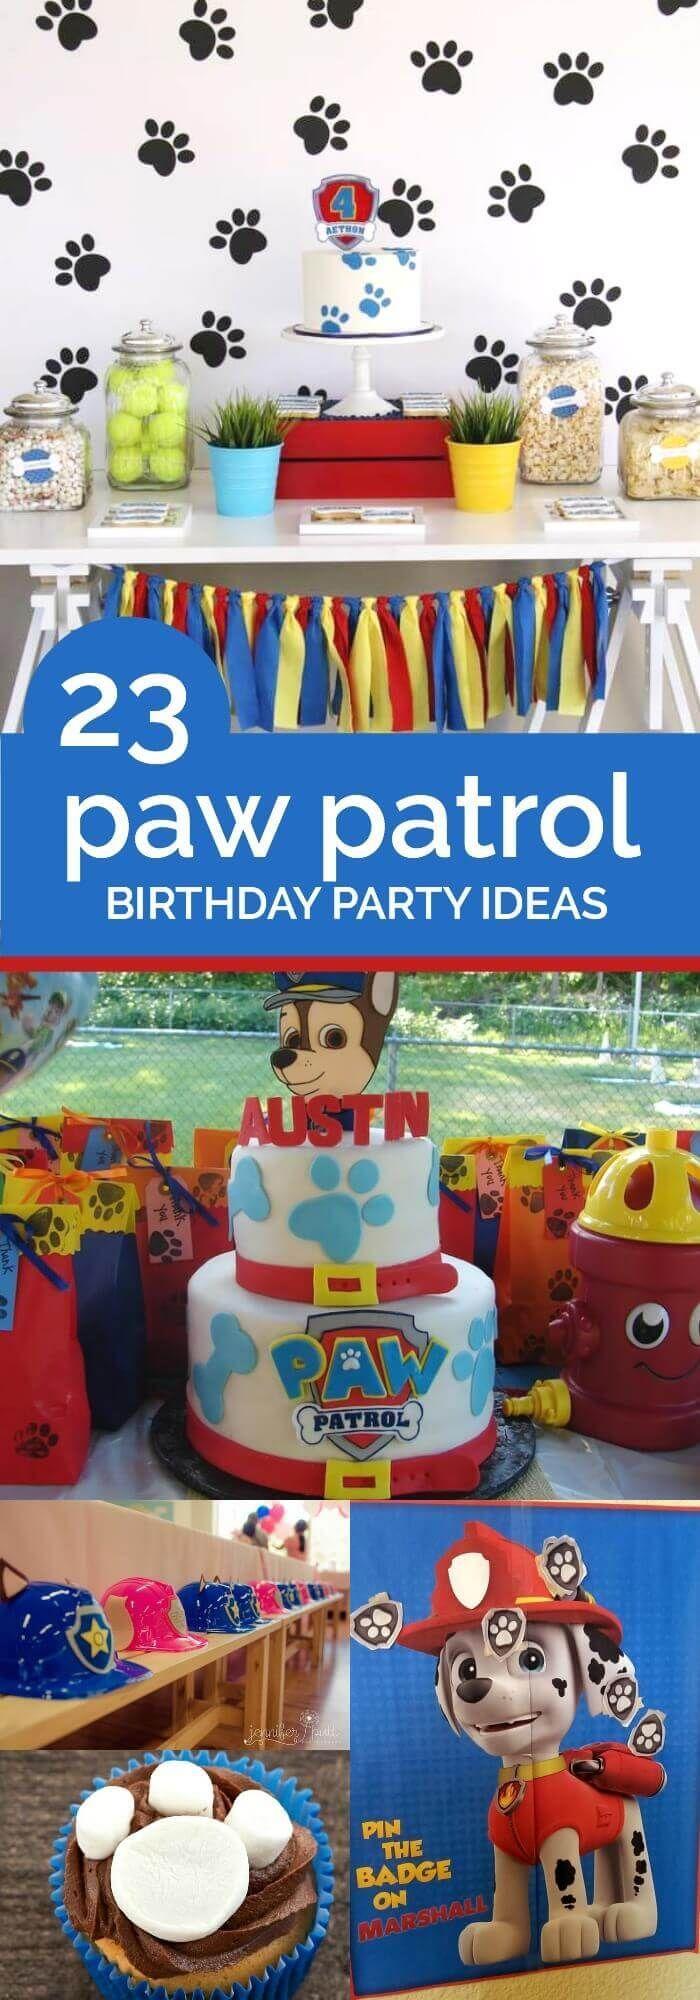 23 PAW Patrol Birthday Party Ideas Paw patrol birthday Paw